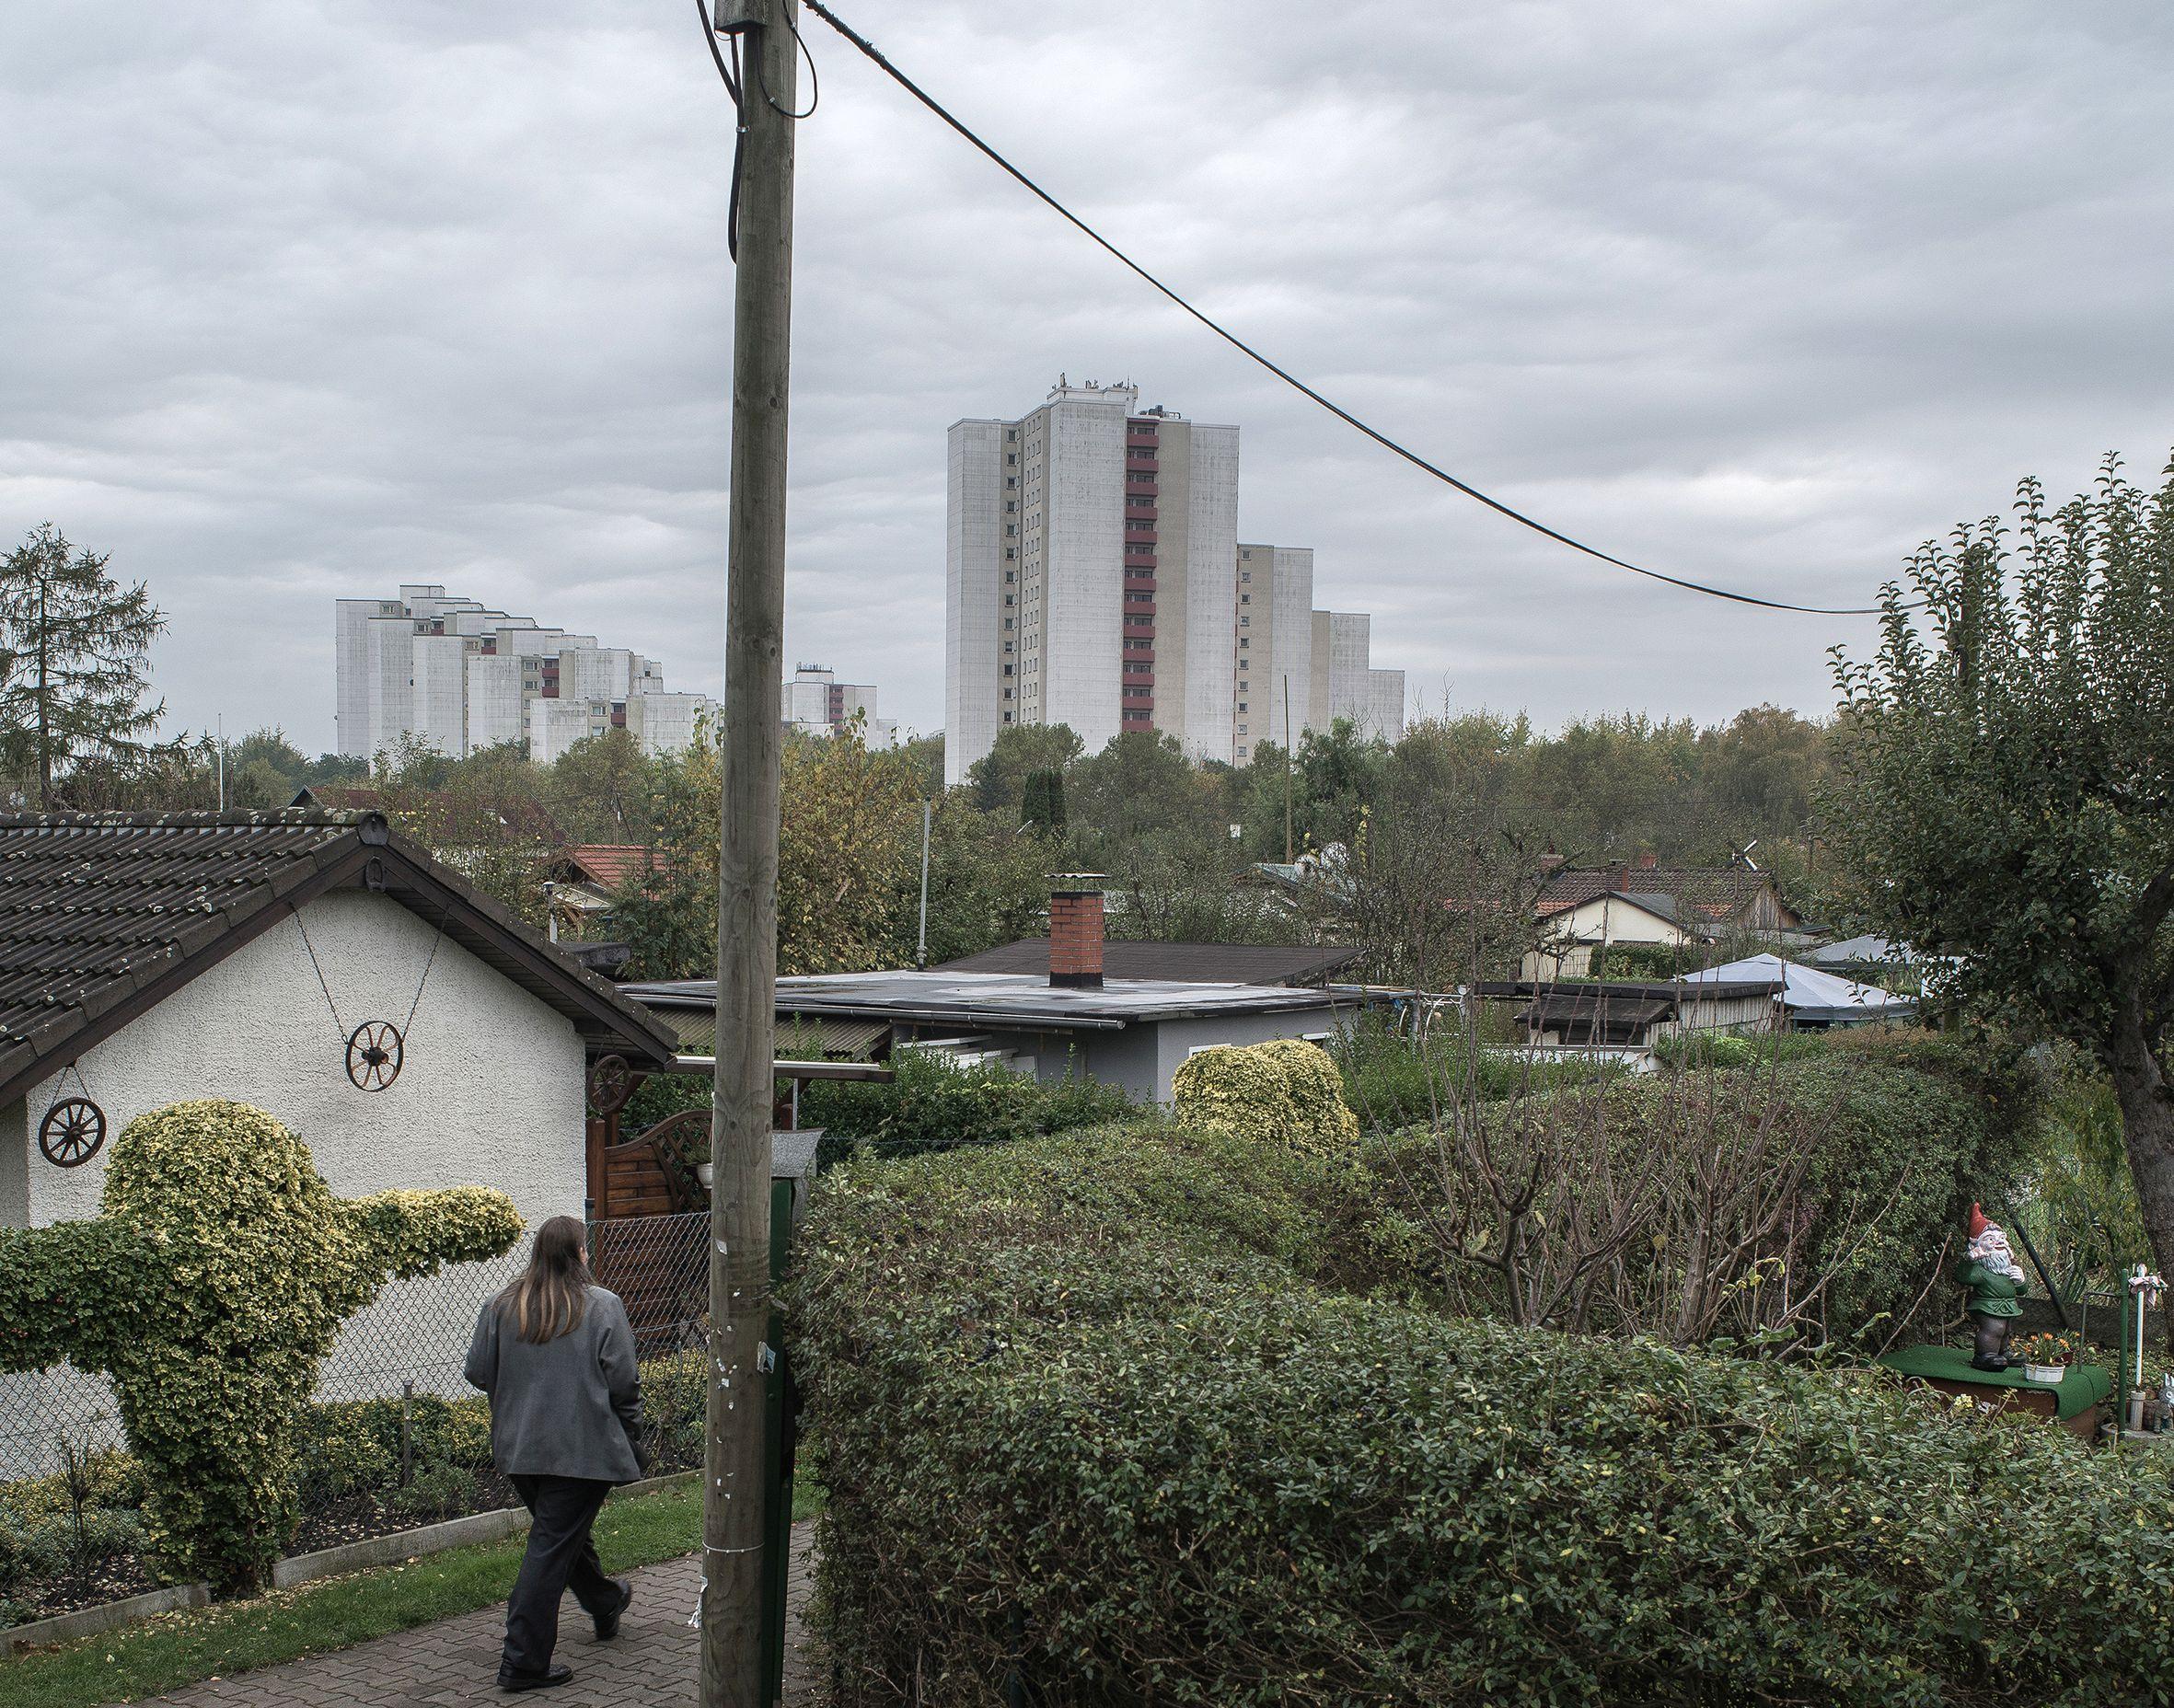 Niekiedy obecność blizny można poznać po tym, że w jej pobliżu robi się luźniej. Idzie się przez miasto między ciasno ustawionymi budynkami i nagle otwiera się przestrzeń. Architektura nieco się wycofuje, pojawiają się puste place zarośnięte zielskiem albo ogródki działkowe. Wtedy trzeba rozejrzeć się dokładnie, bo bardzo prawdopodobne, że jesteśmy w pobliżu blizny (fot. Filip Springer /